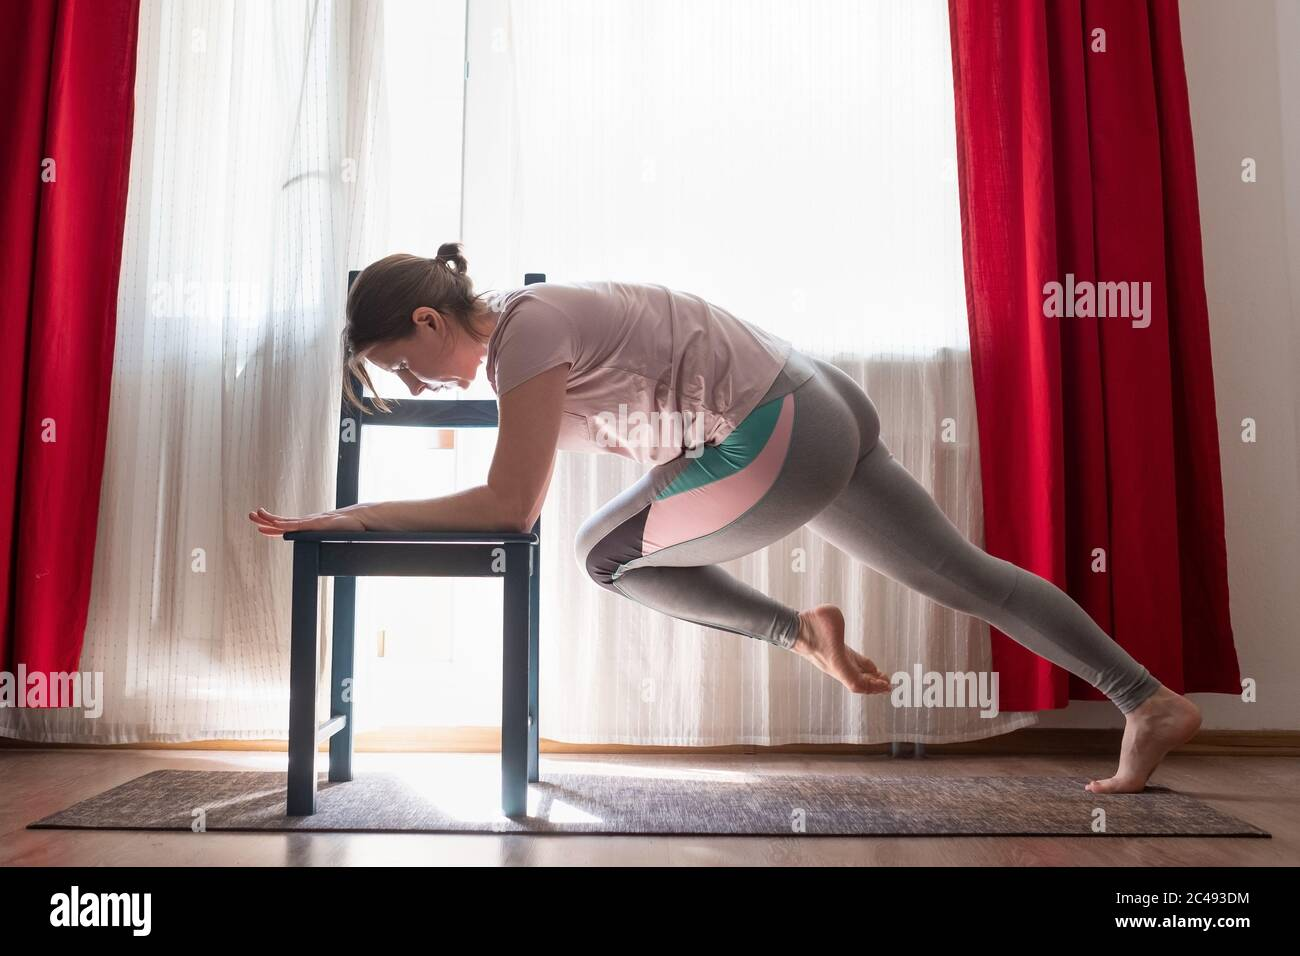 Mujer haciendo ejercicios de flexiones para entrenar el pecho y los brazos músculos en casa Foto de stock